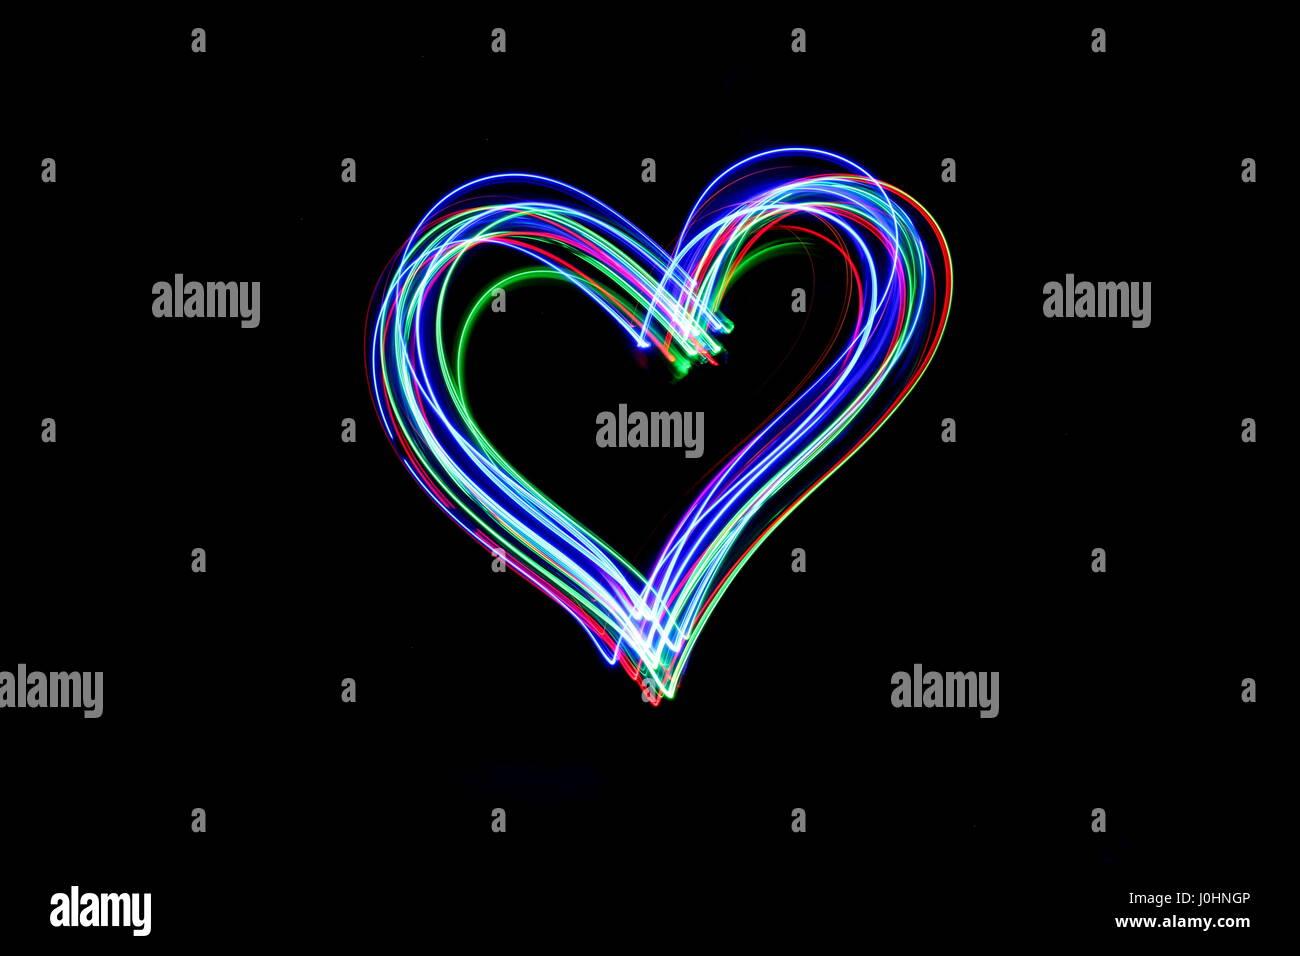 La lumière peinture photographie - longue exposition photo de fairy lights, en forme de coeur sur fond noir. Abstract Neon contours symbole. Banque D'Images